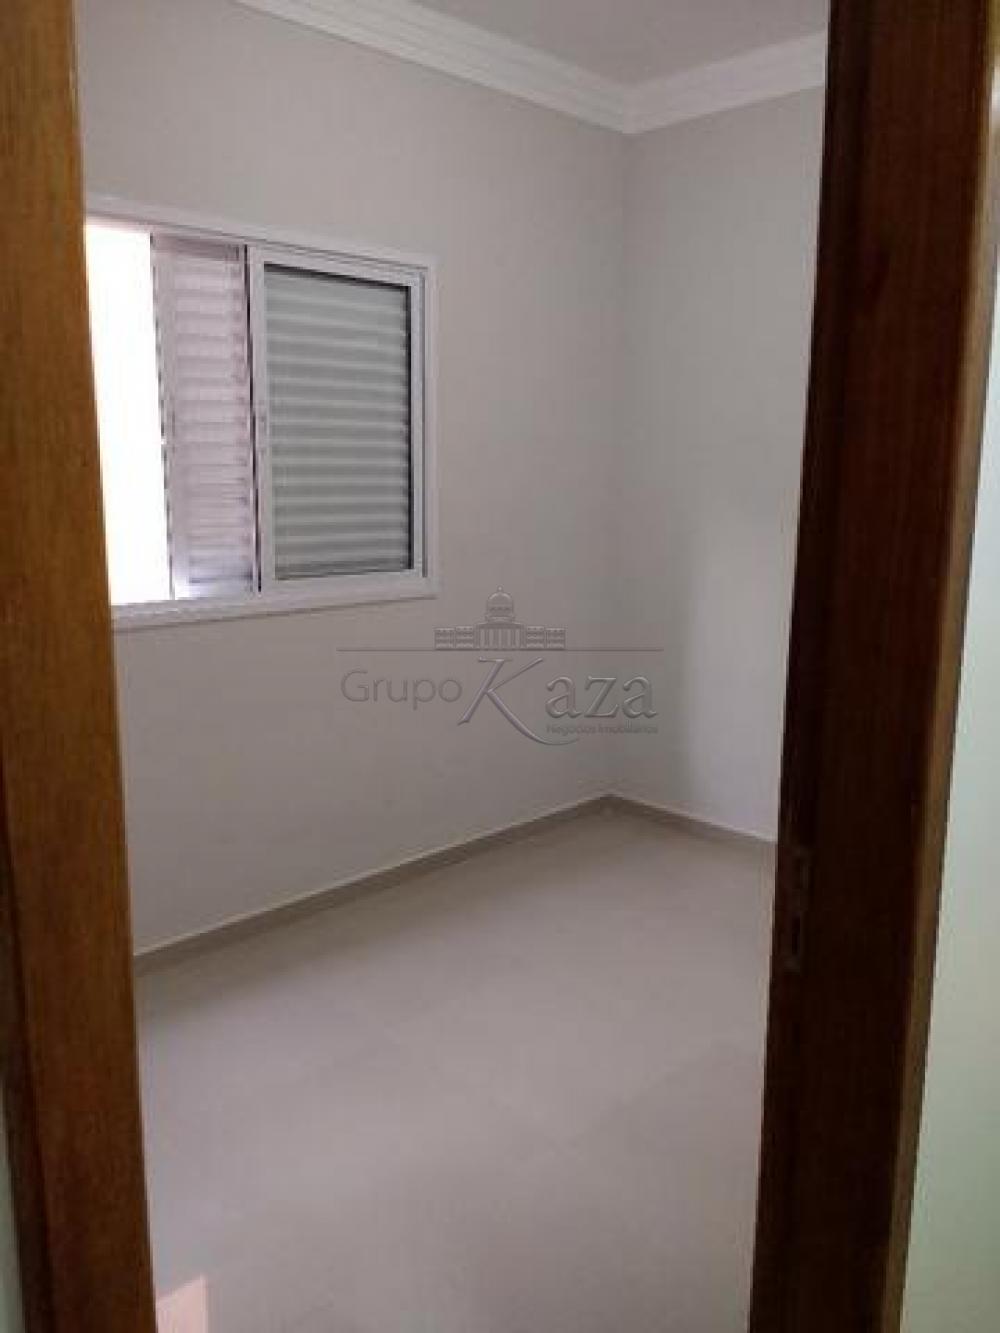 Comprar Casa / Padrão em São José dos Campos apenas R$ 307.400,00 - Foto 2